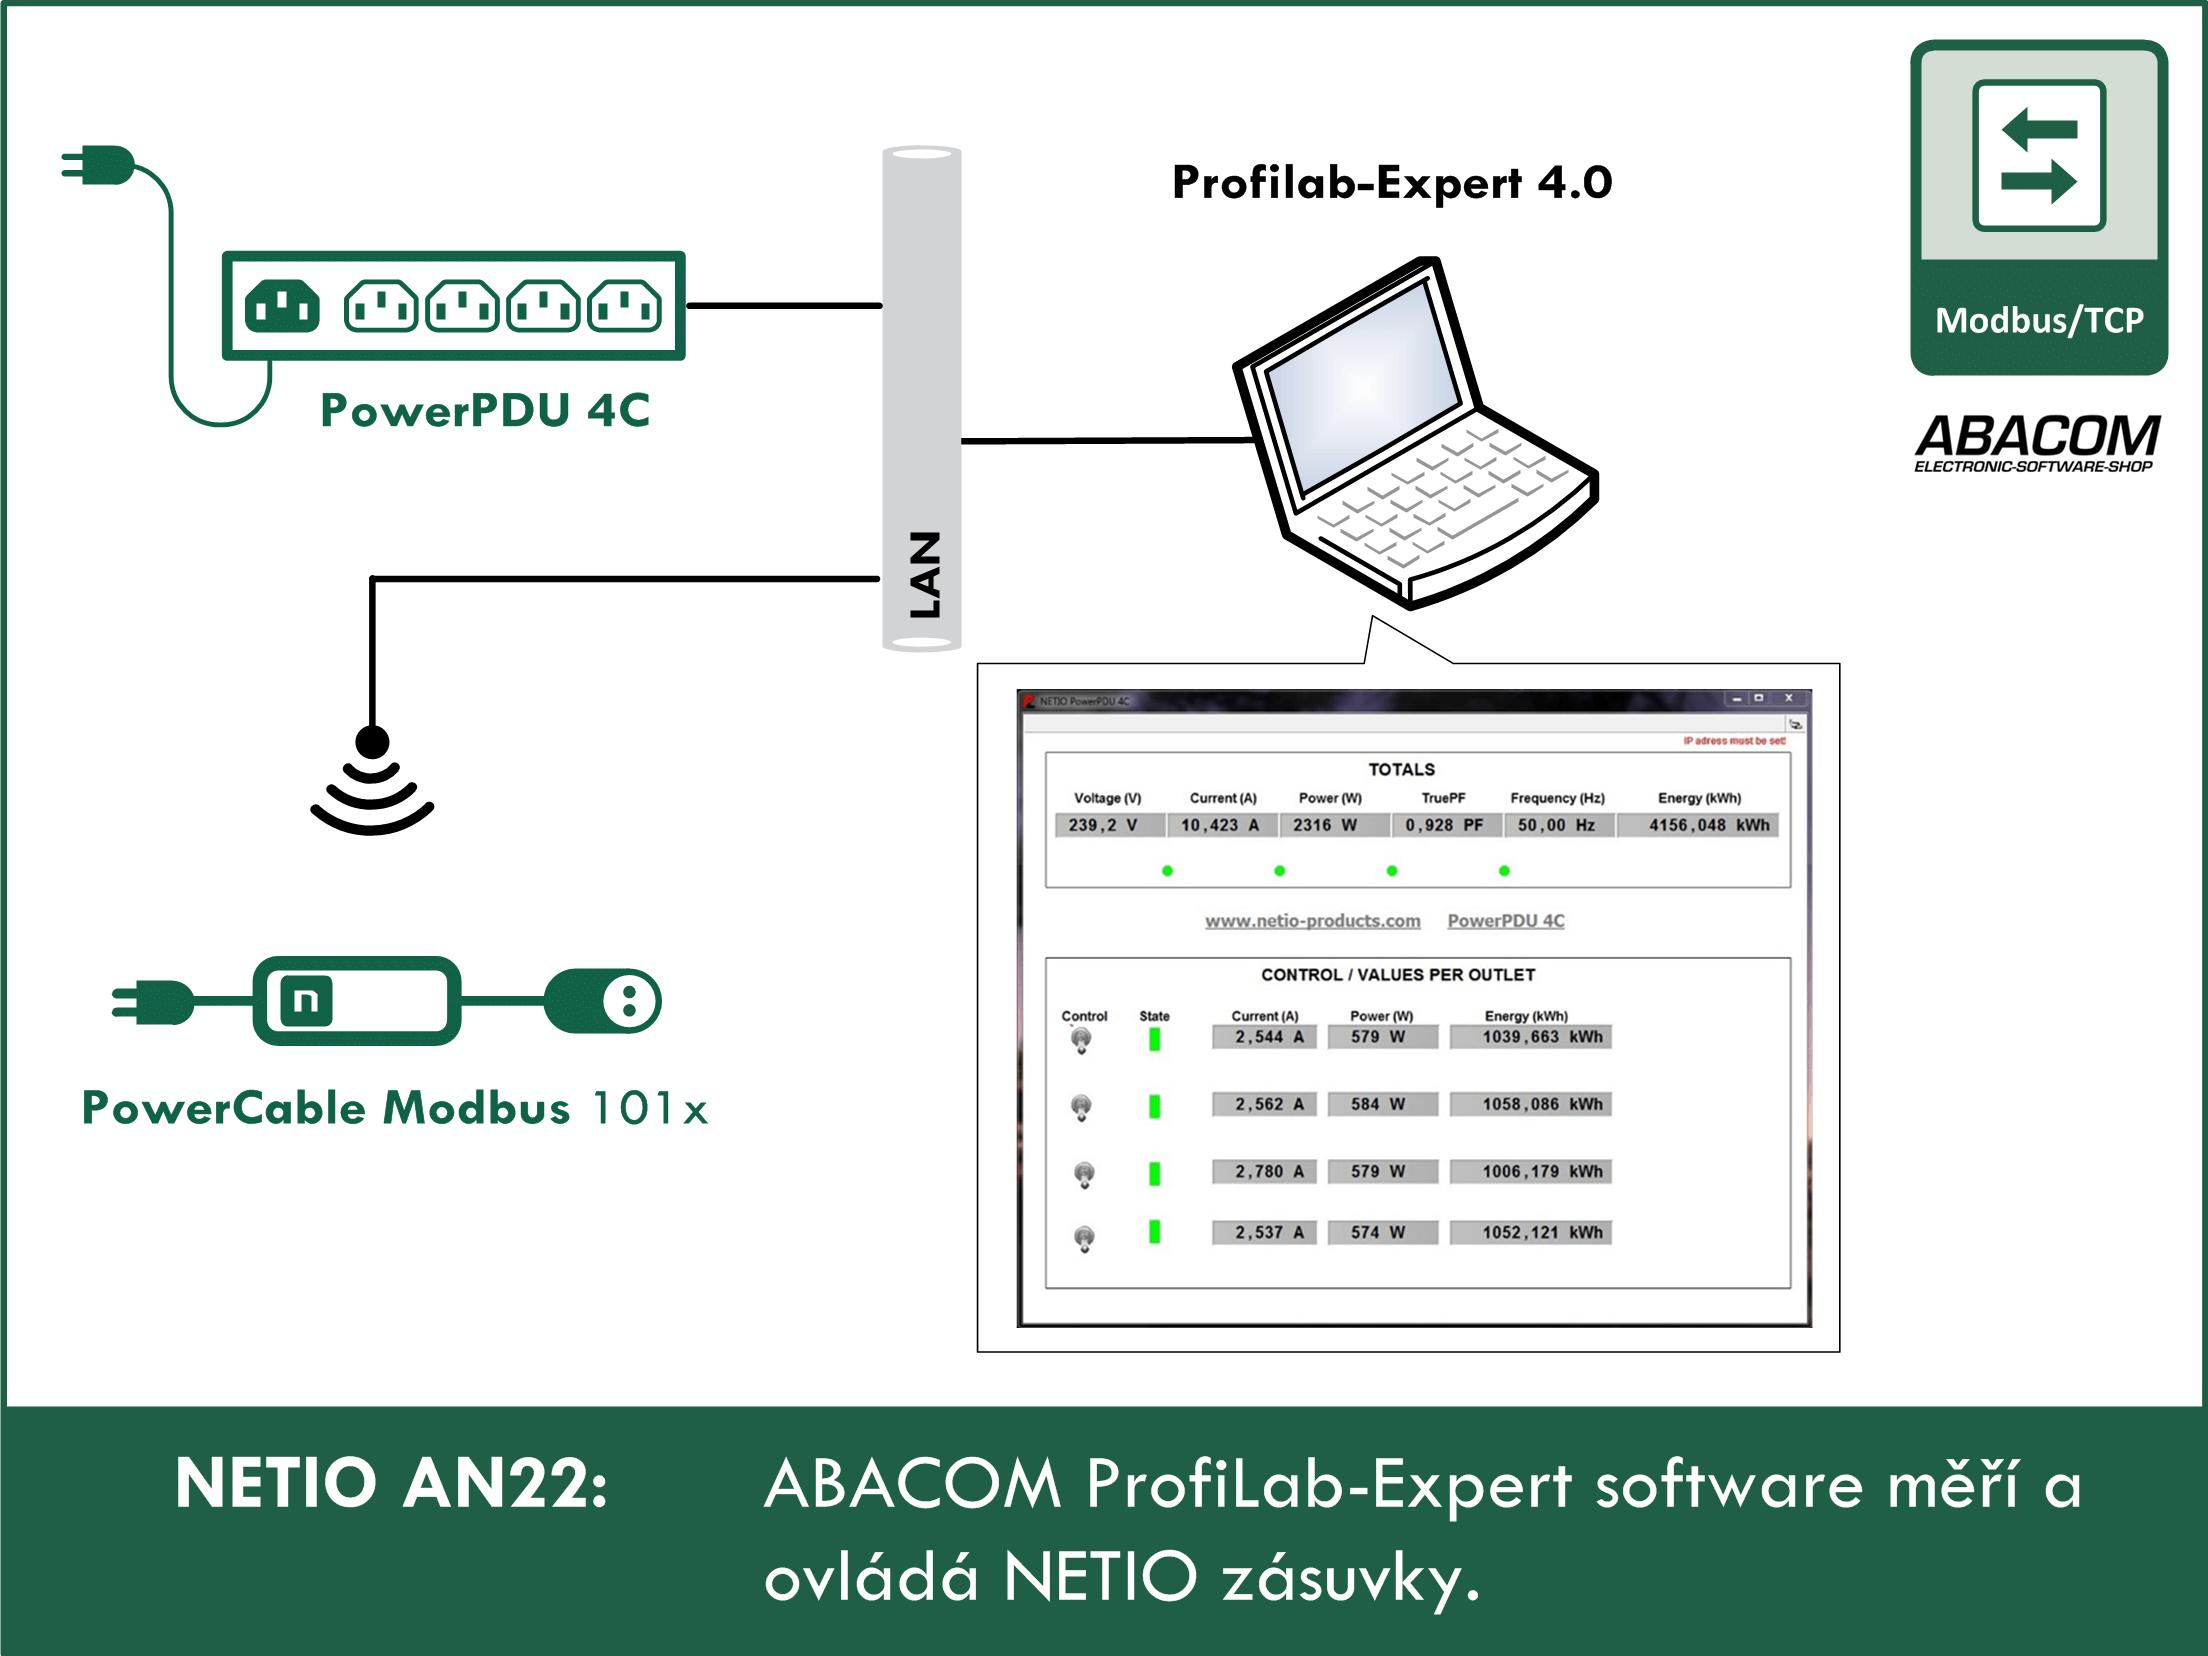 ABACOM Profilab Expert software meri a ovlada NETIO chytre zasuvky